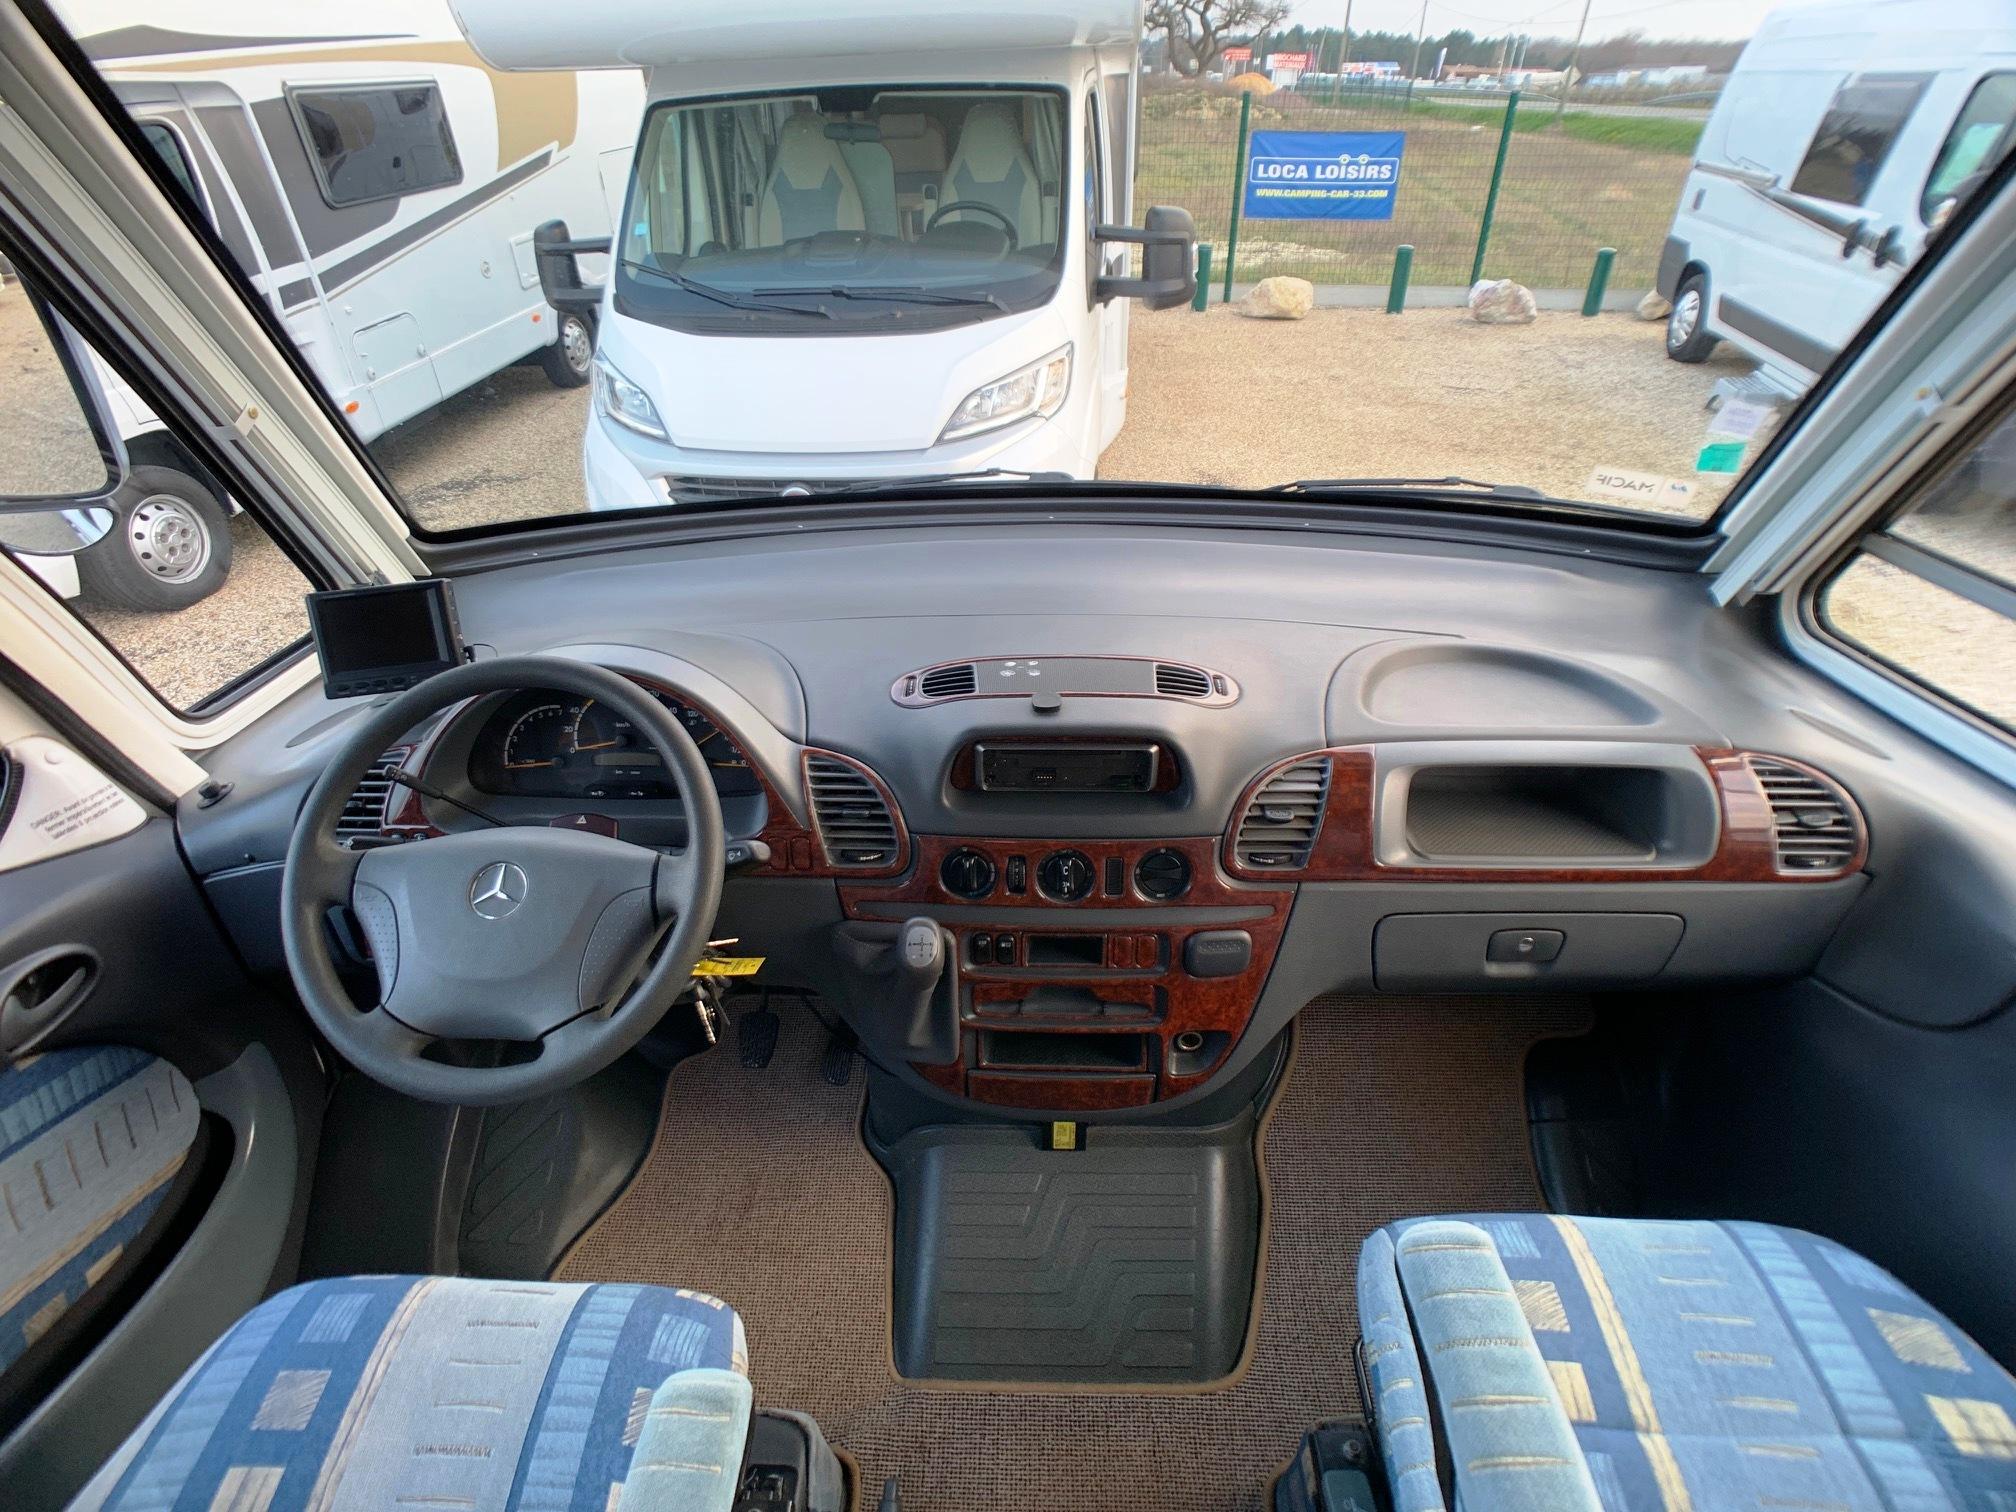 Le Voyageur Lvx 850 Lit Central - 14